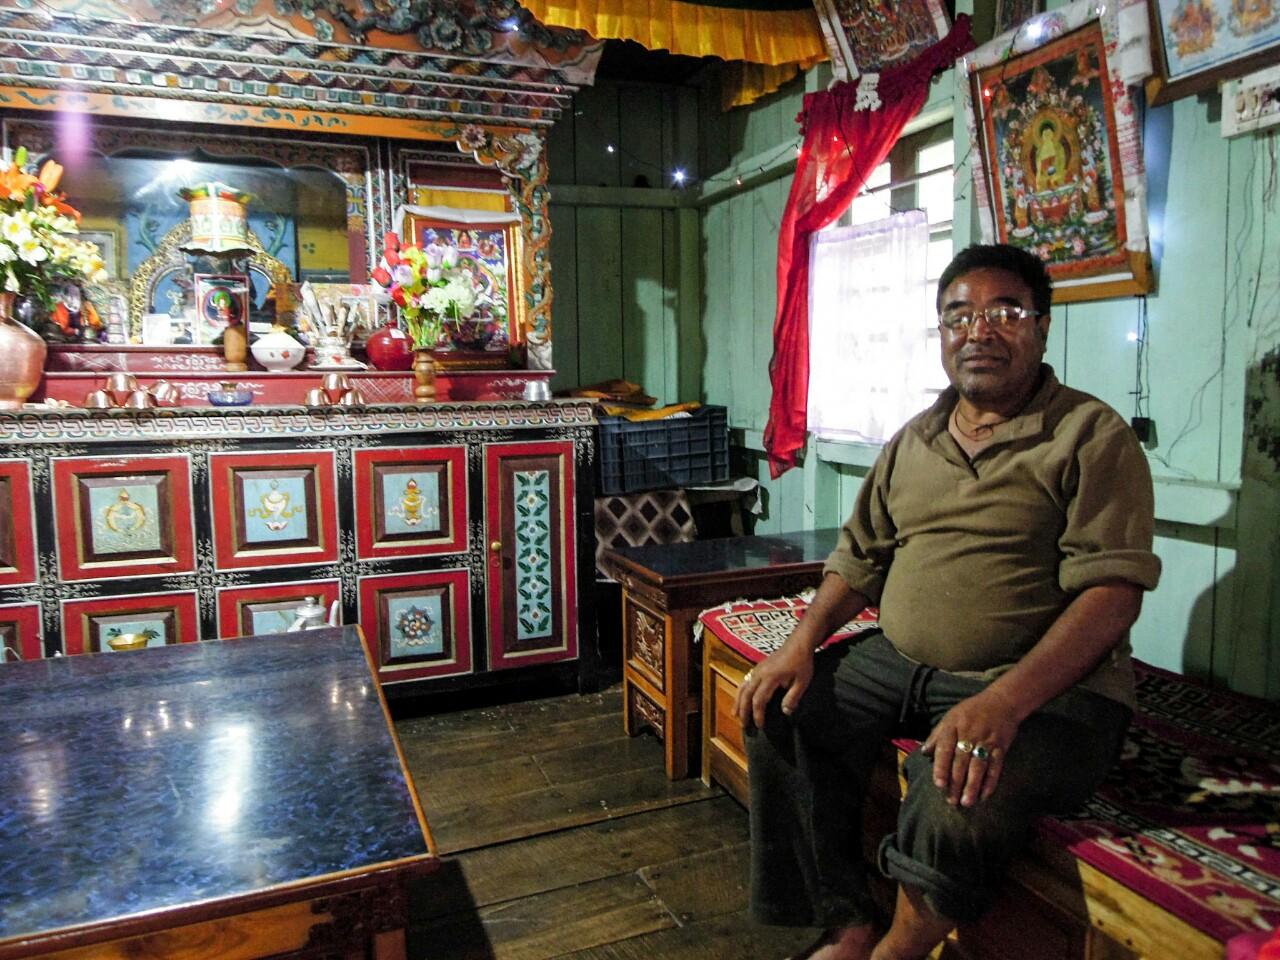 Dashi Sherpa im Wohnzimmer (c) Reinhard Gessl